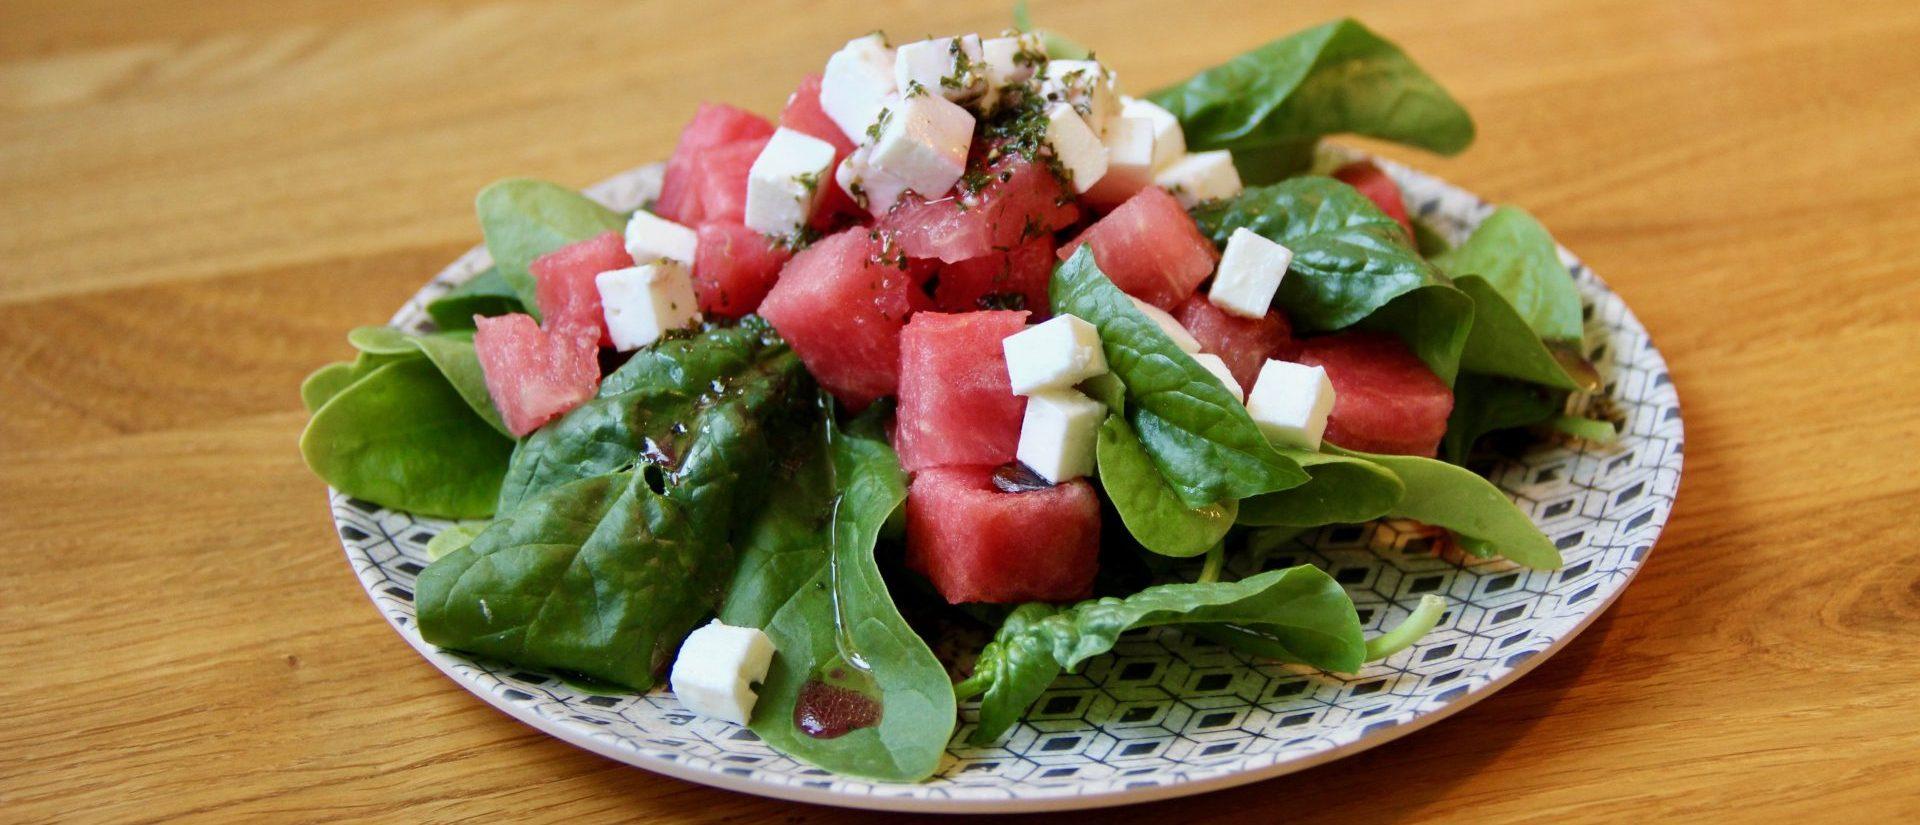 Melonen_Salat00001-e1498905357104